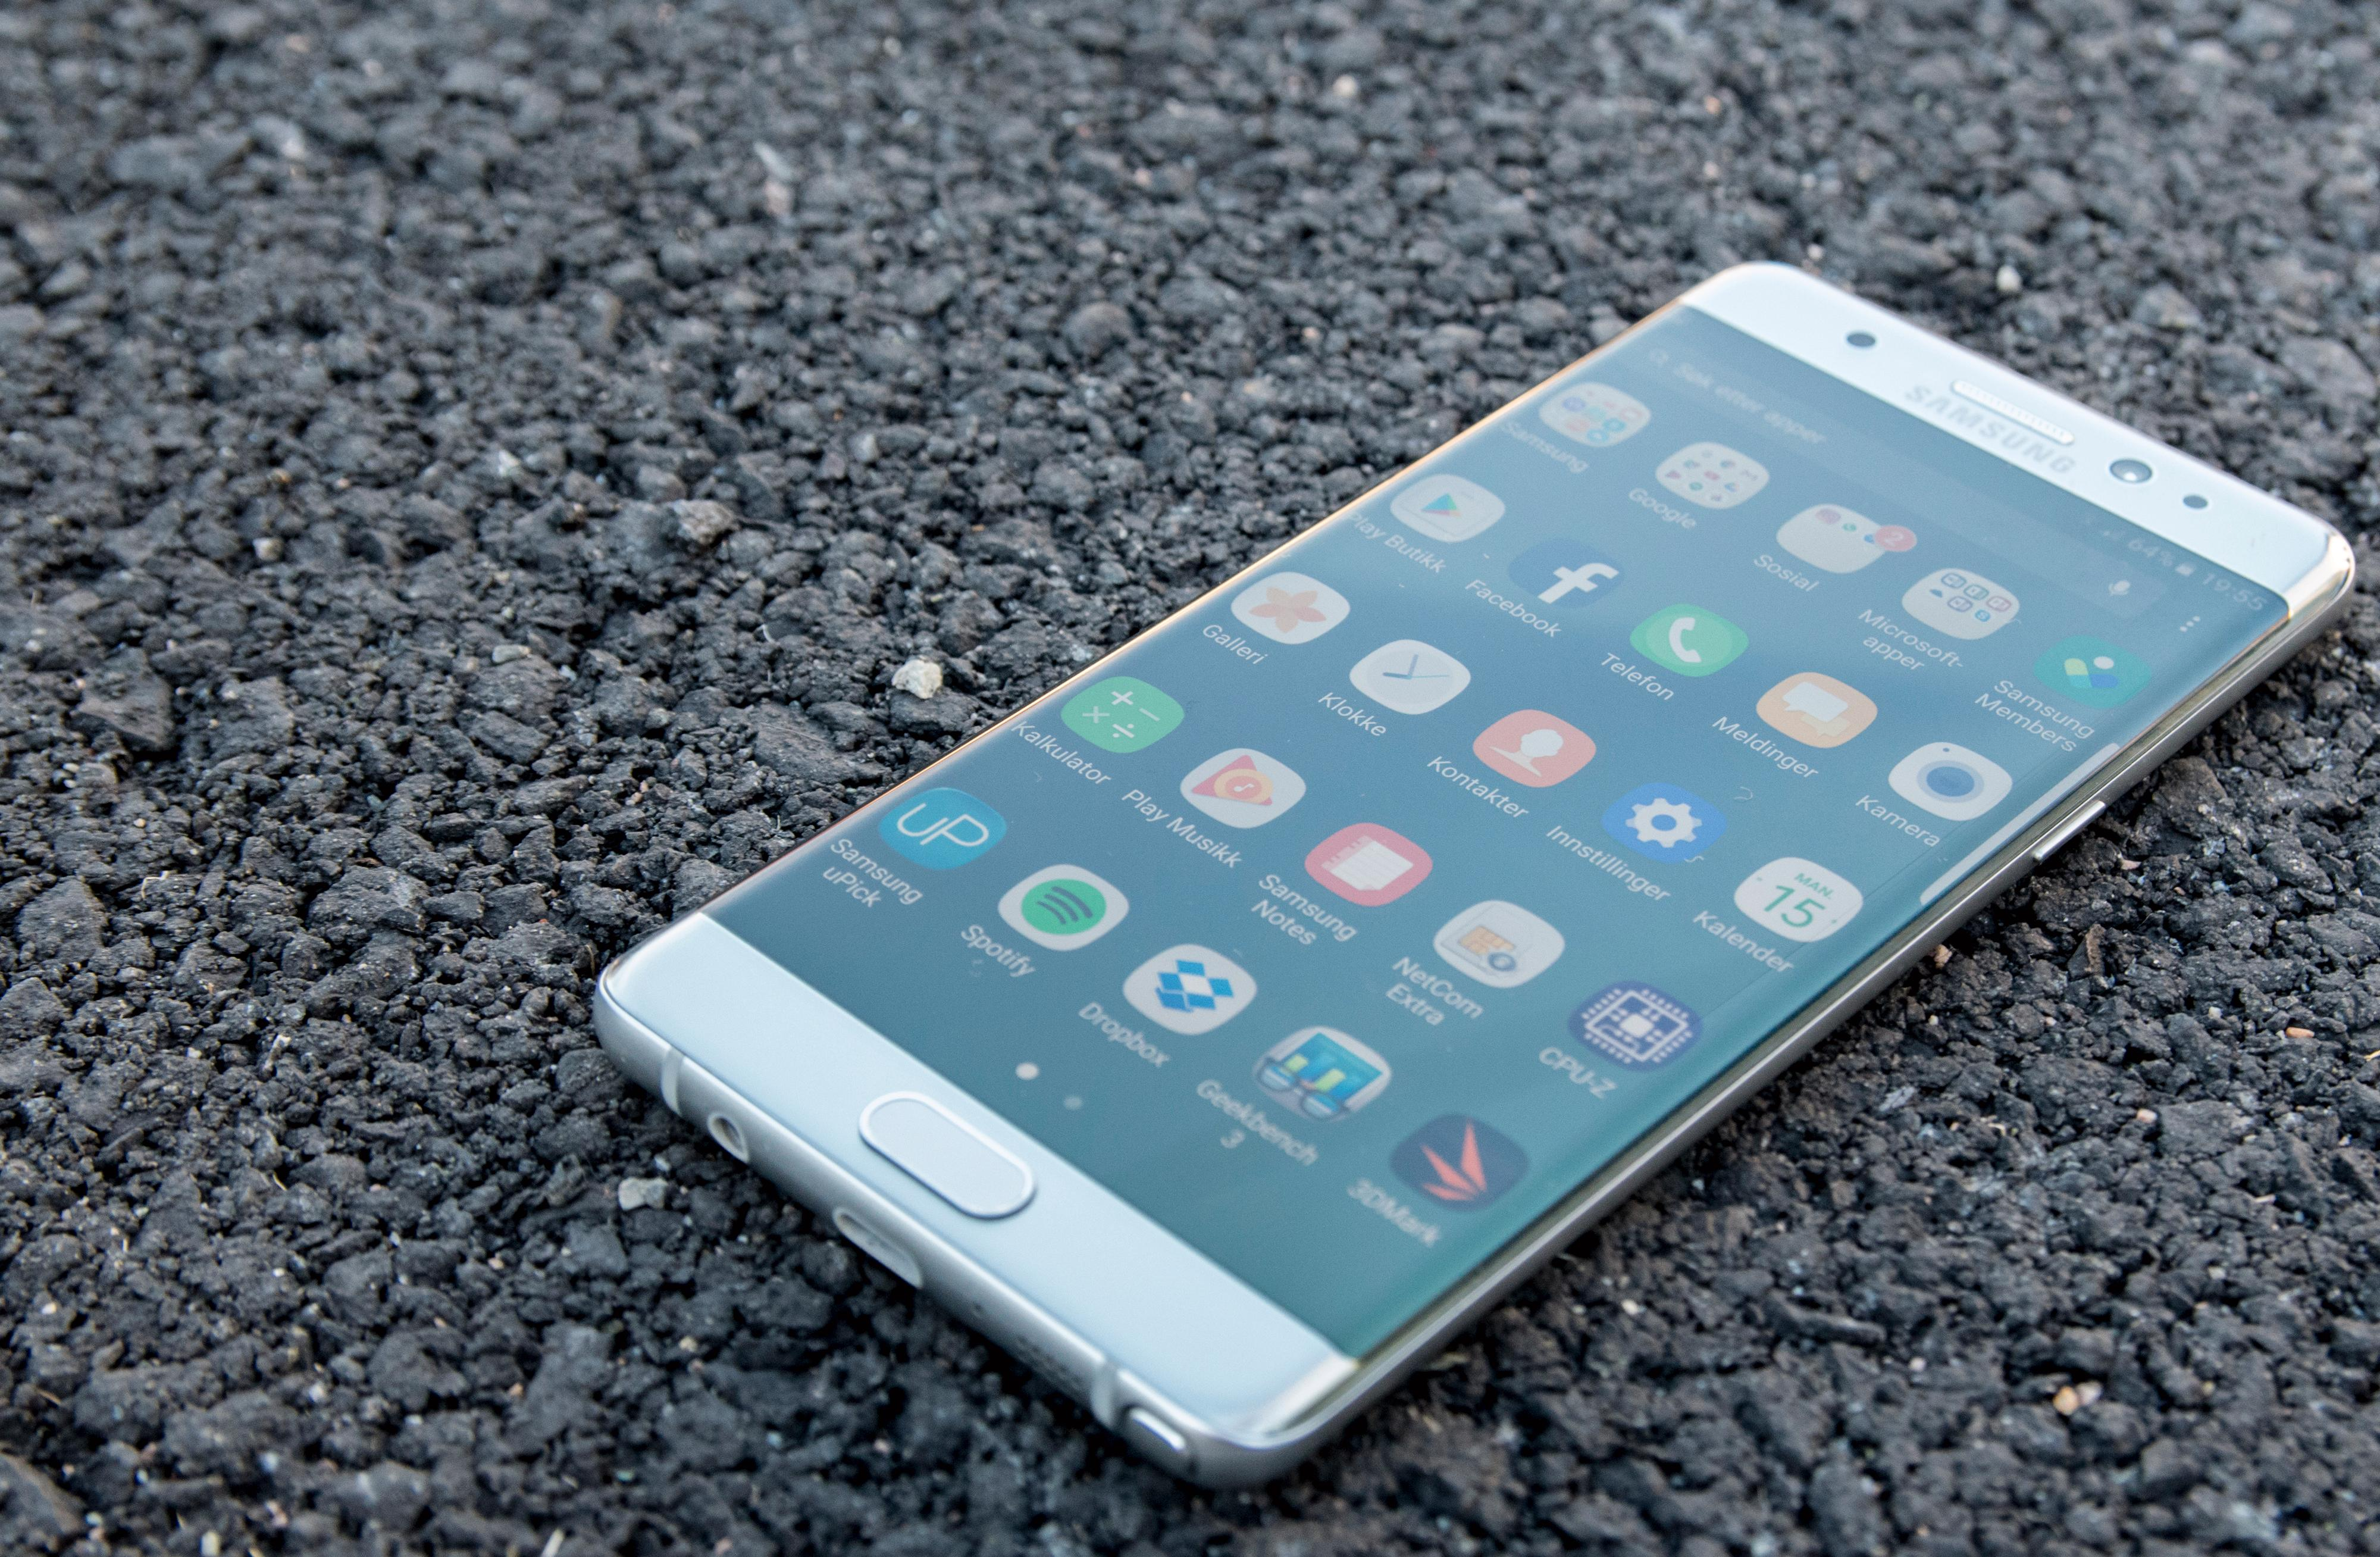 Galaxy Note 7 ble et av Samsungs største problemprodukter noensinne. Bilde: Finn Jarle Kvalheim, Tek.no